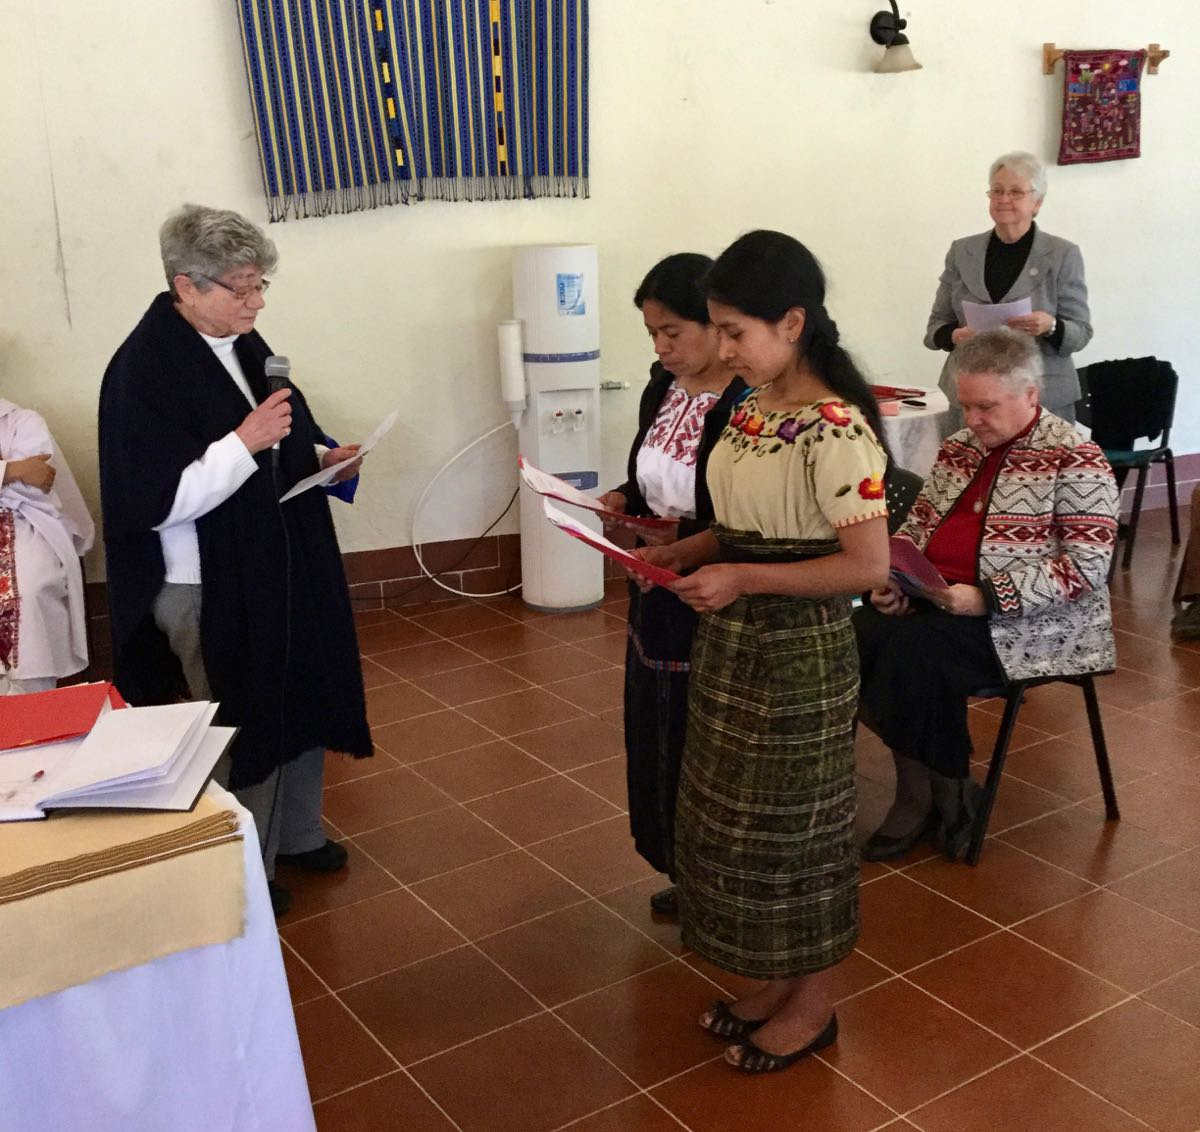 Guatemala-Ceremony-2017 - 2